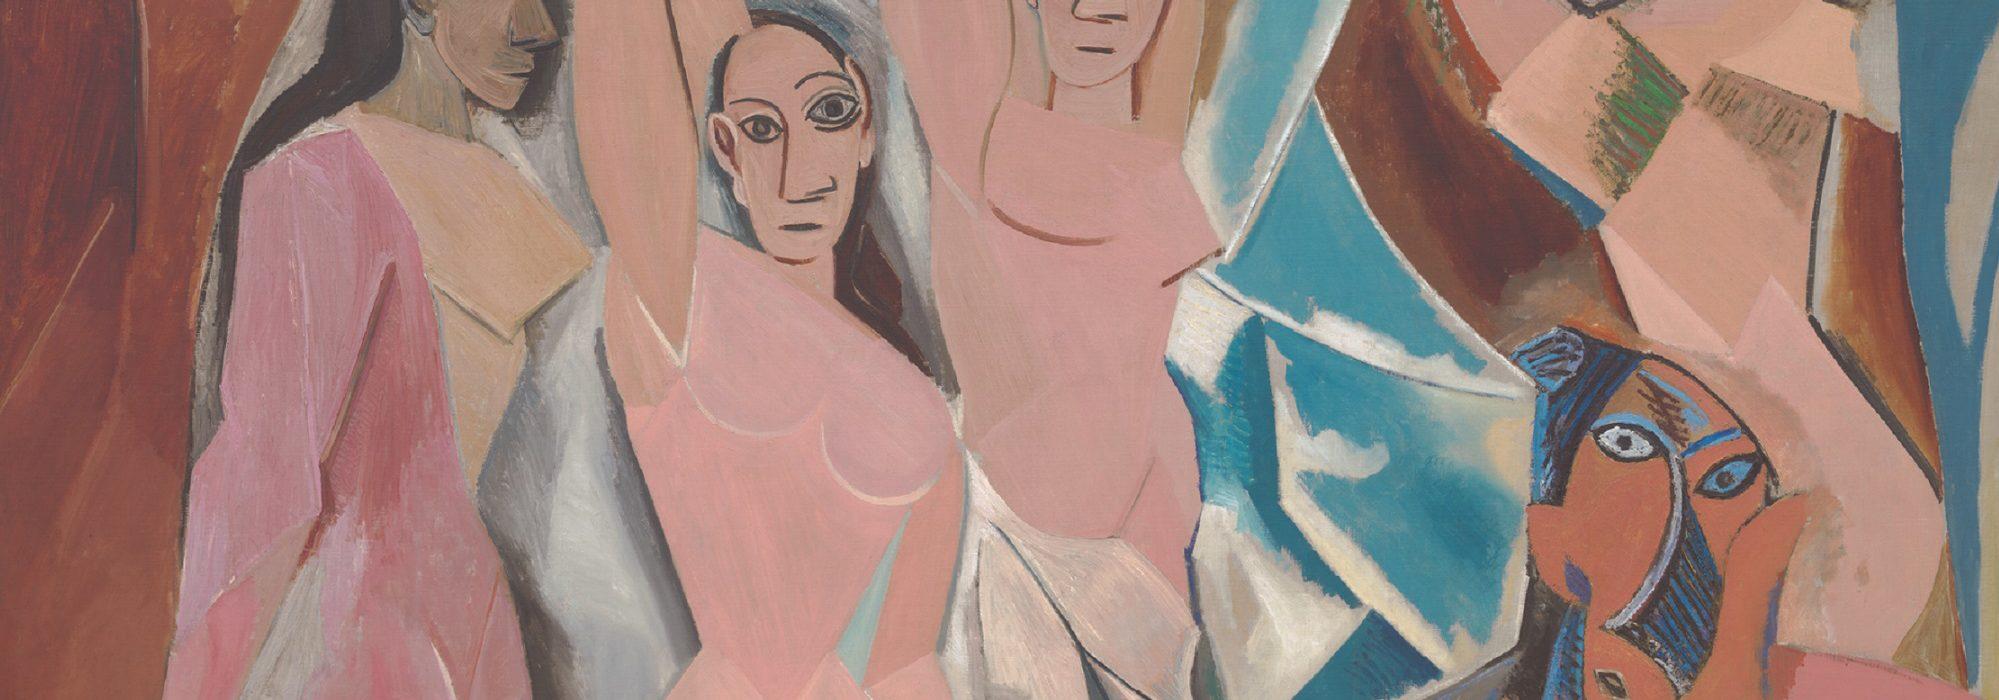 Les Demoiselles d´Avingnon (Pablo Picasso) - MoMa